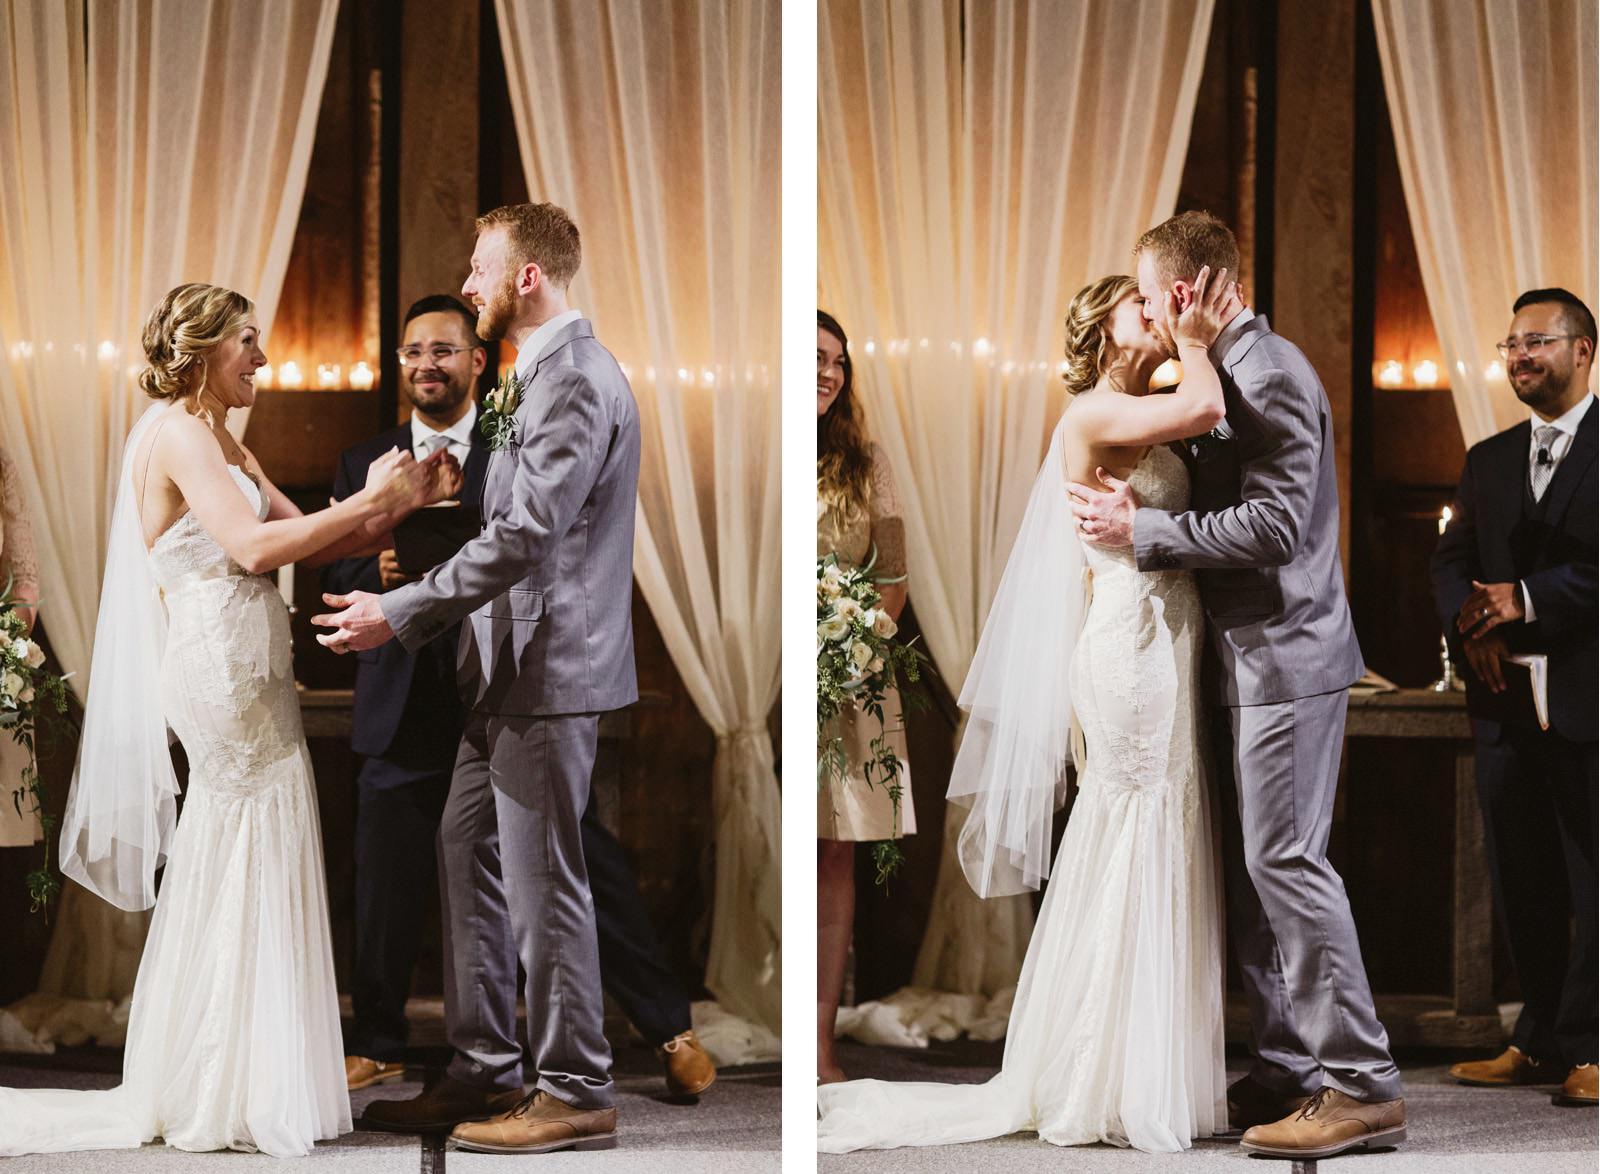 daniel-emily-38 PICKERING BARN WEDDING